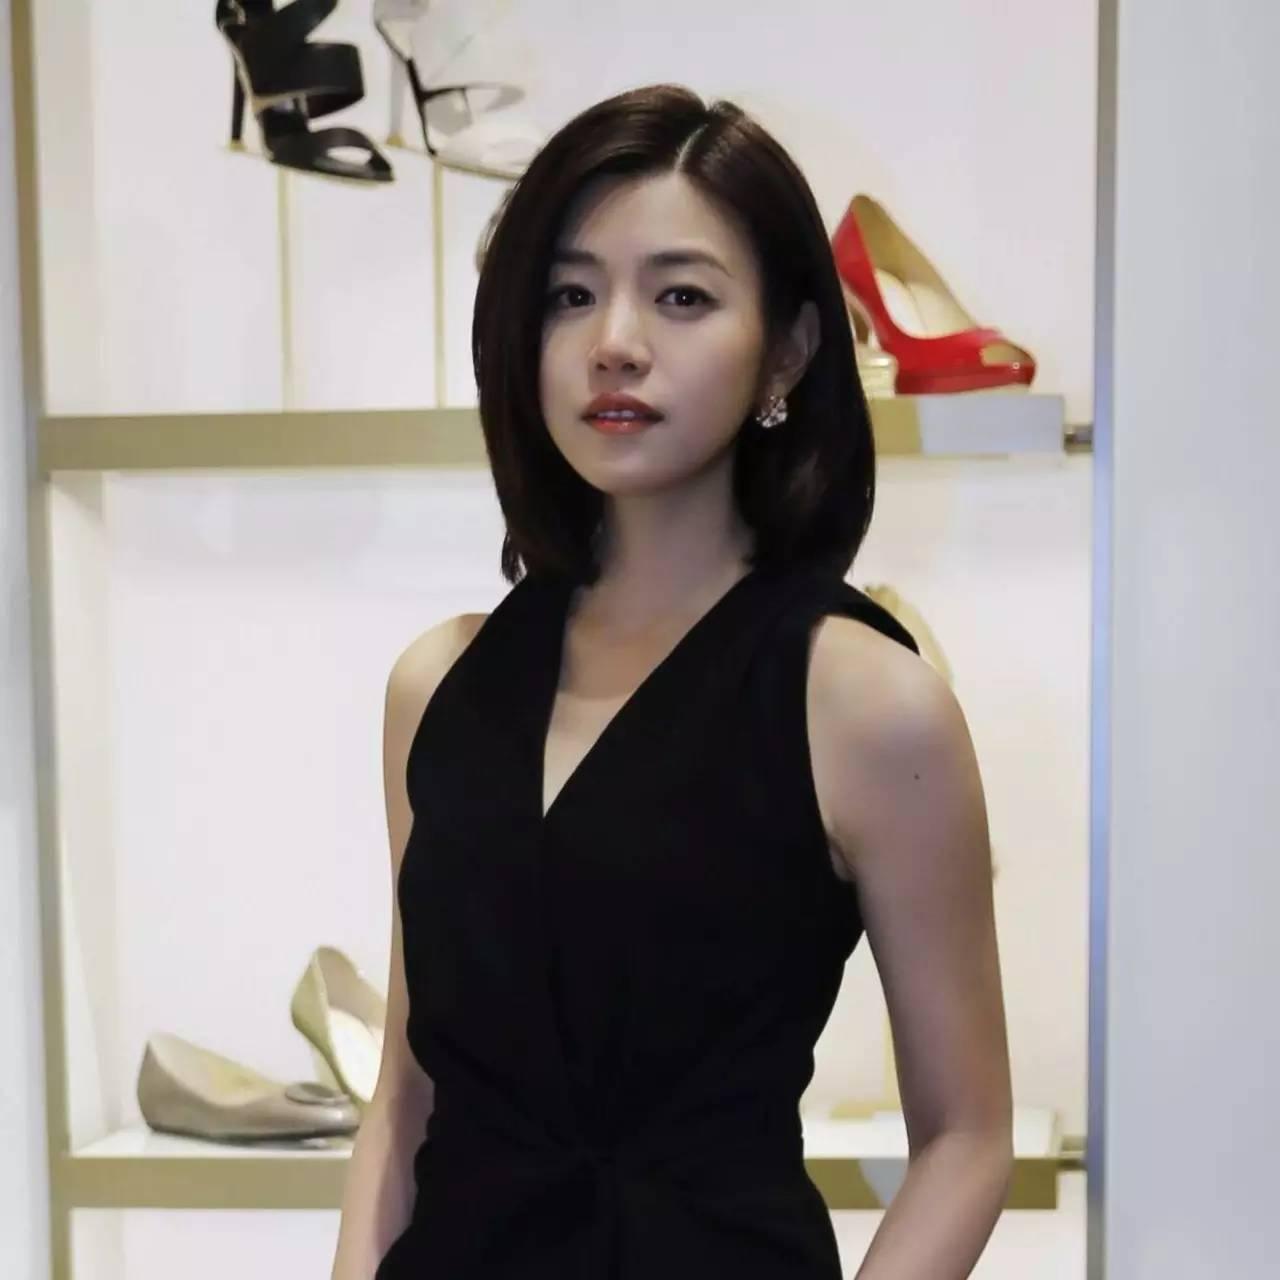 陈妍希变美逆袭史 | 愿你和她一样越来越美,愿你和她一样幸福!